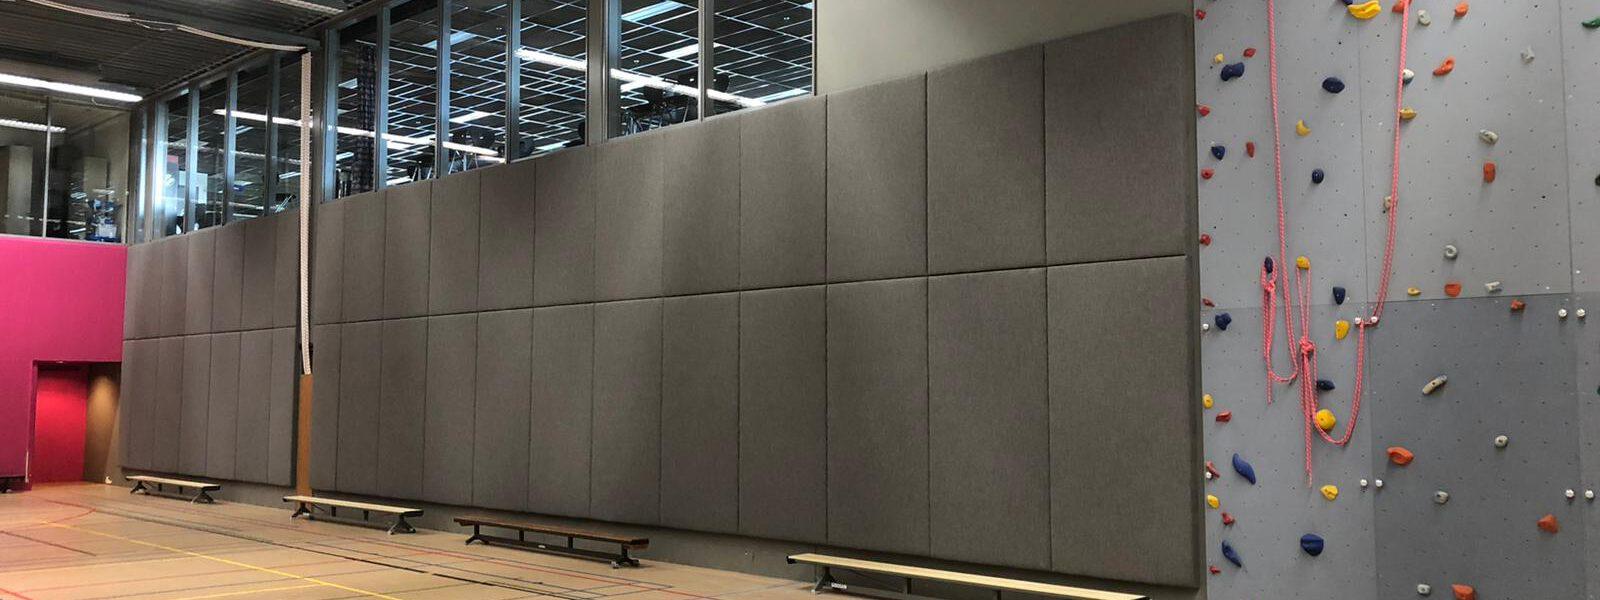 comfortabele akoestiek in sporthallen en gymzalen